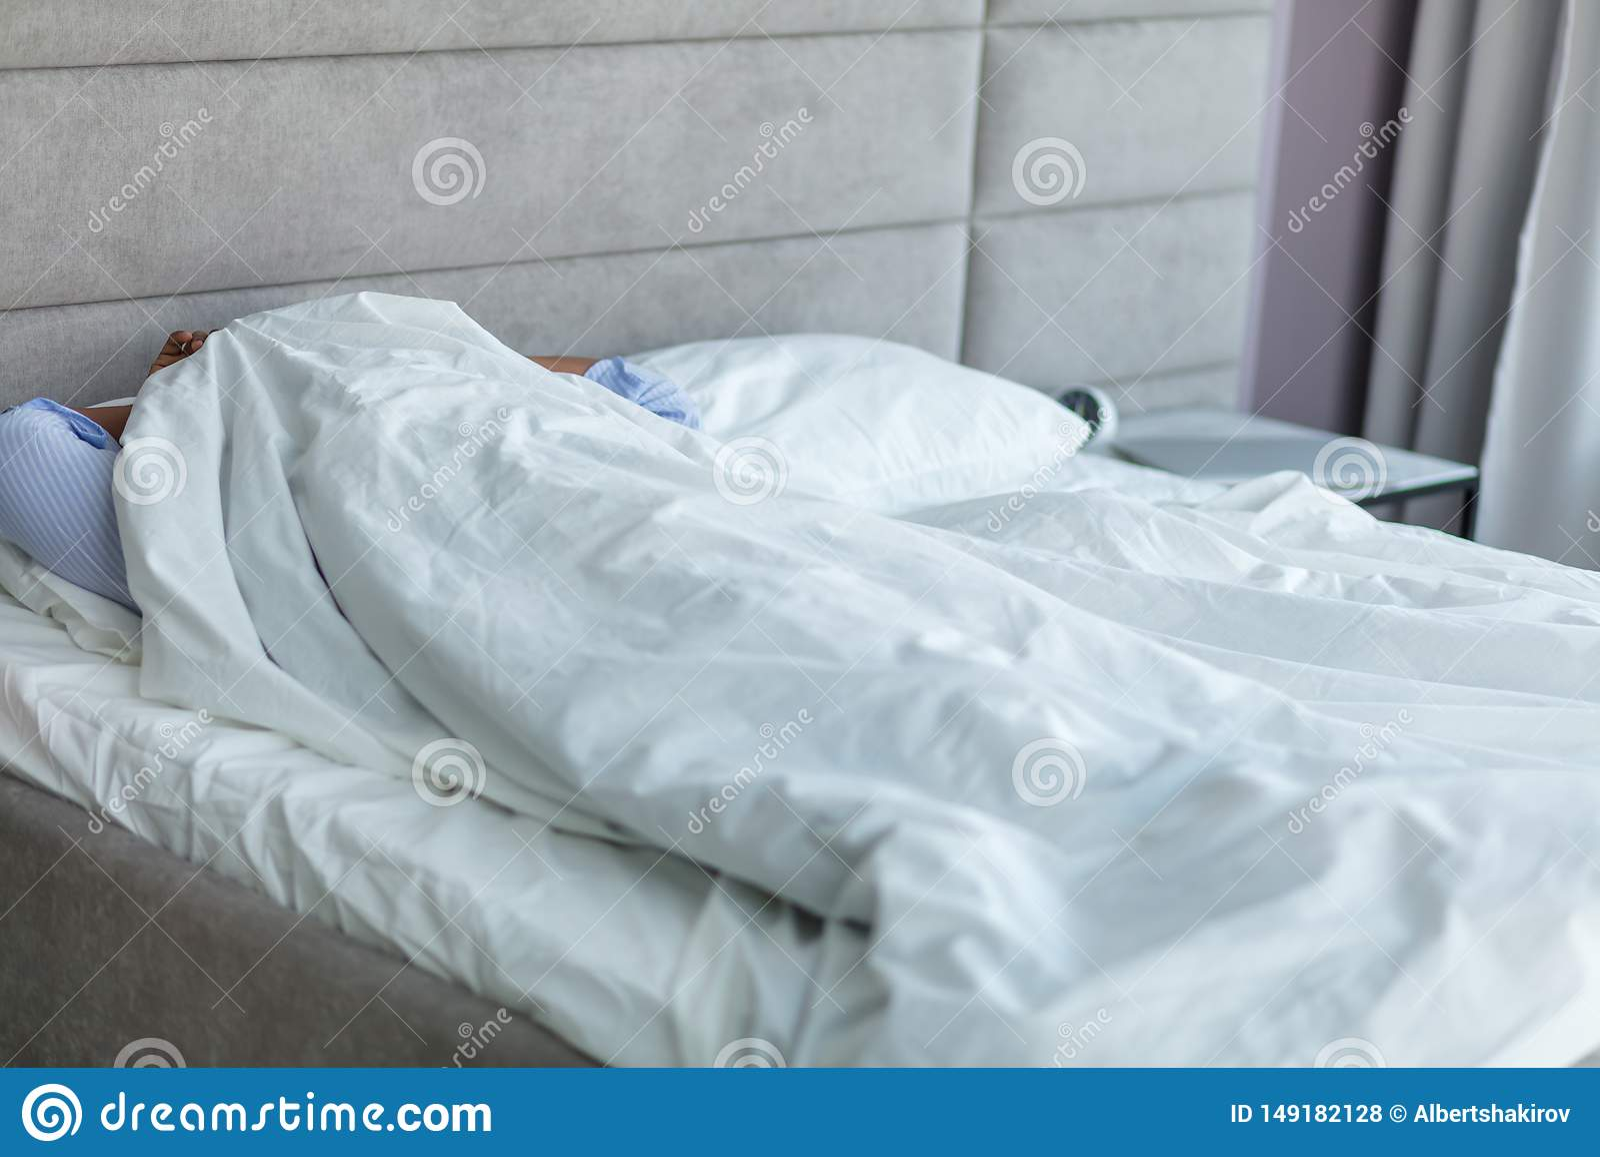 Сон девушка с работы кастинги массовки киев